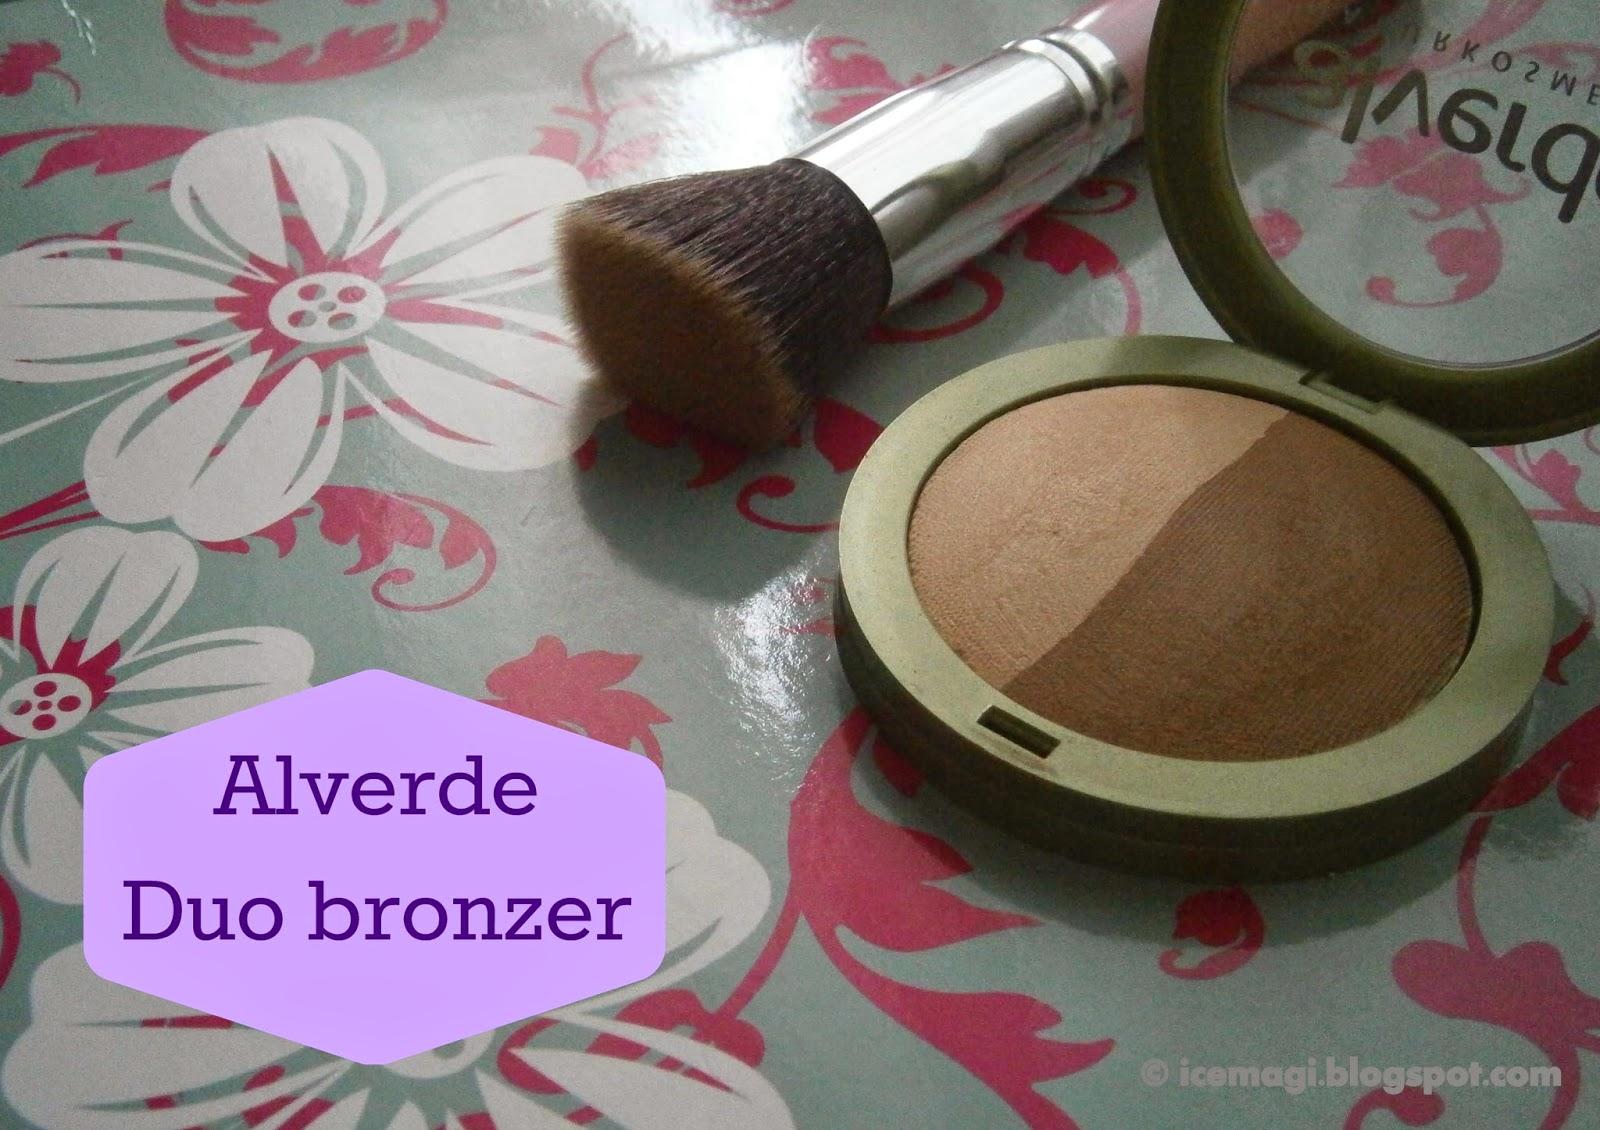 Alverde Duo-bronzer